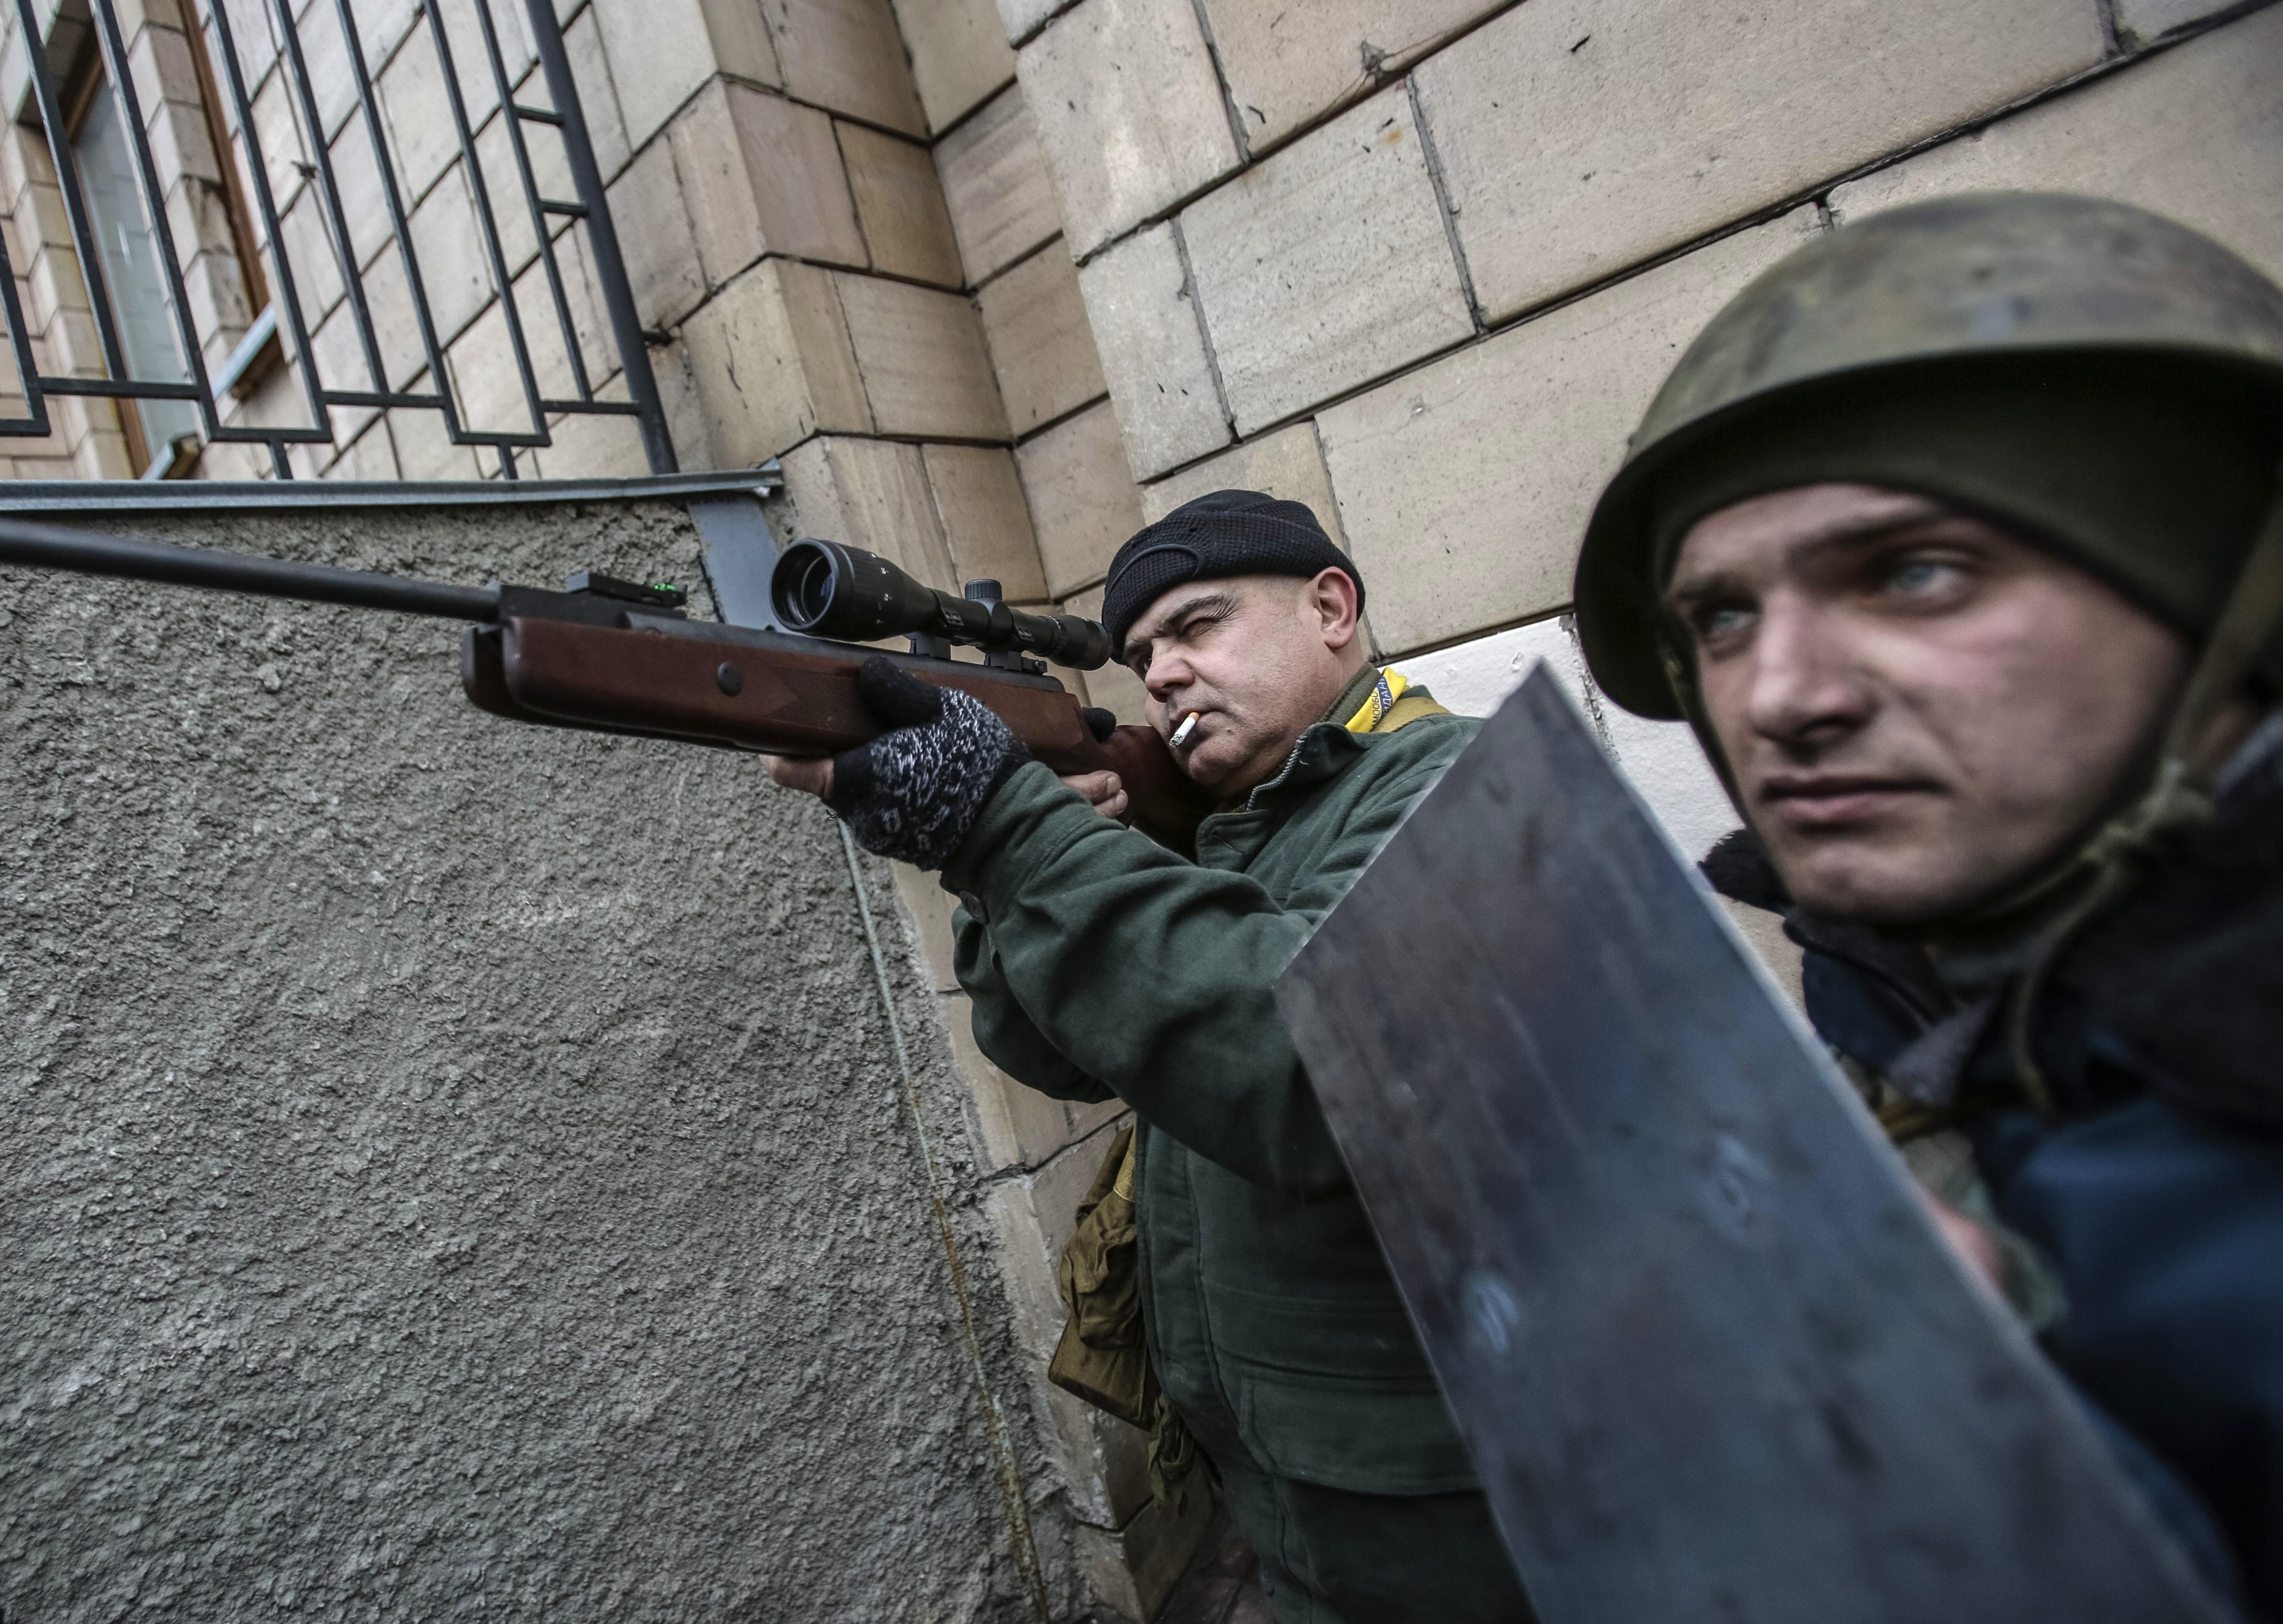 """<p>Протестующие на """"Евромайдане"""" в Киеве в 2014 году. Фото: &copy;РИА Новости/Андрей Стенин</p>"""